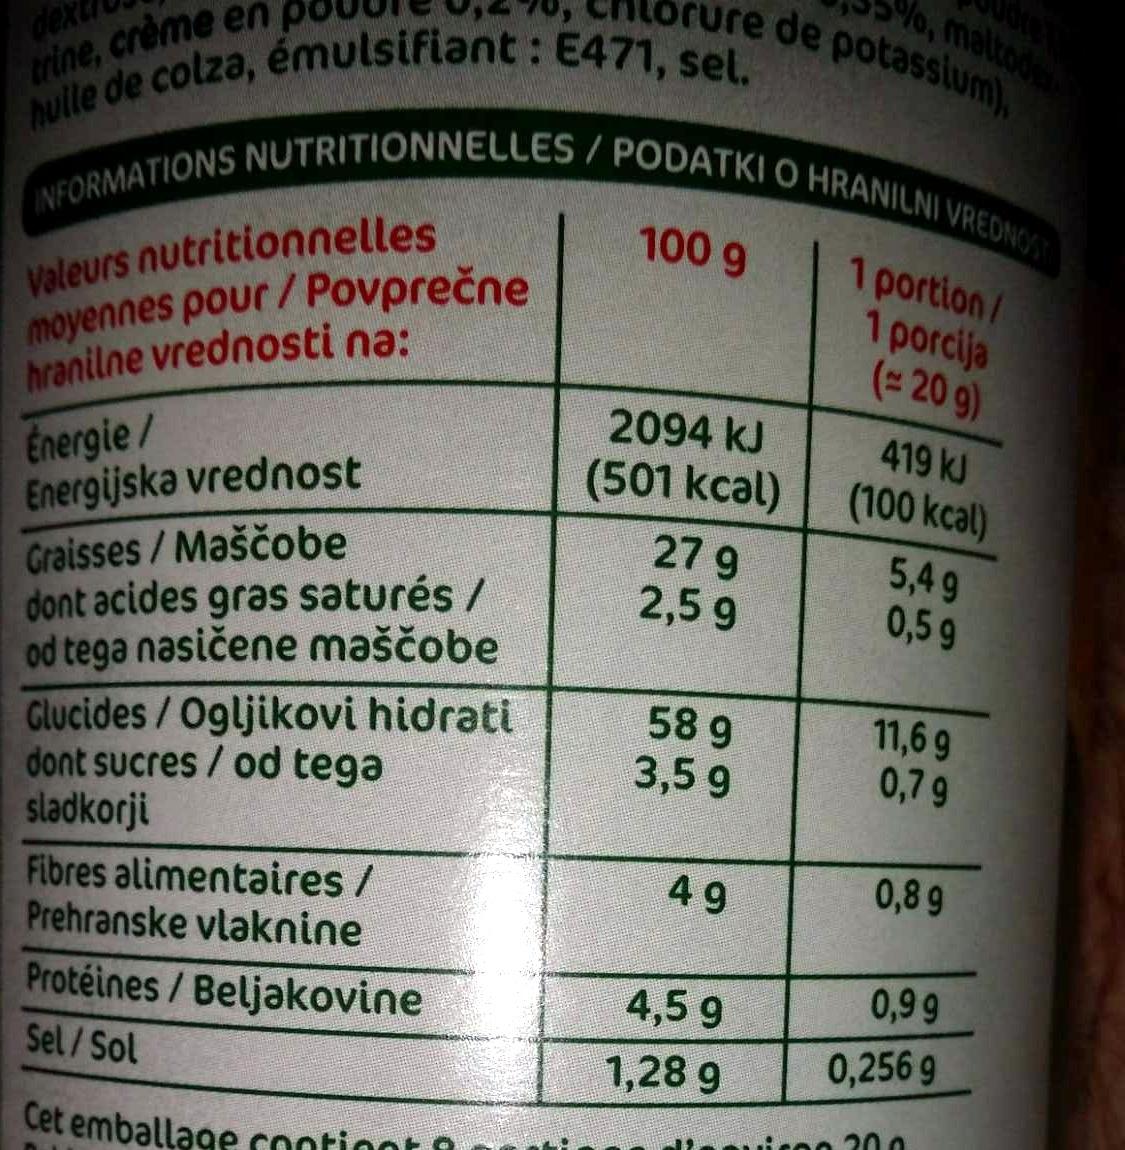 Tuiles crème oignon - Informations nutritionnelles